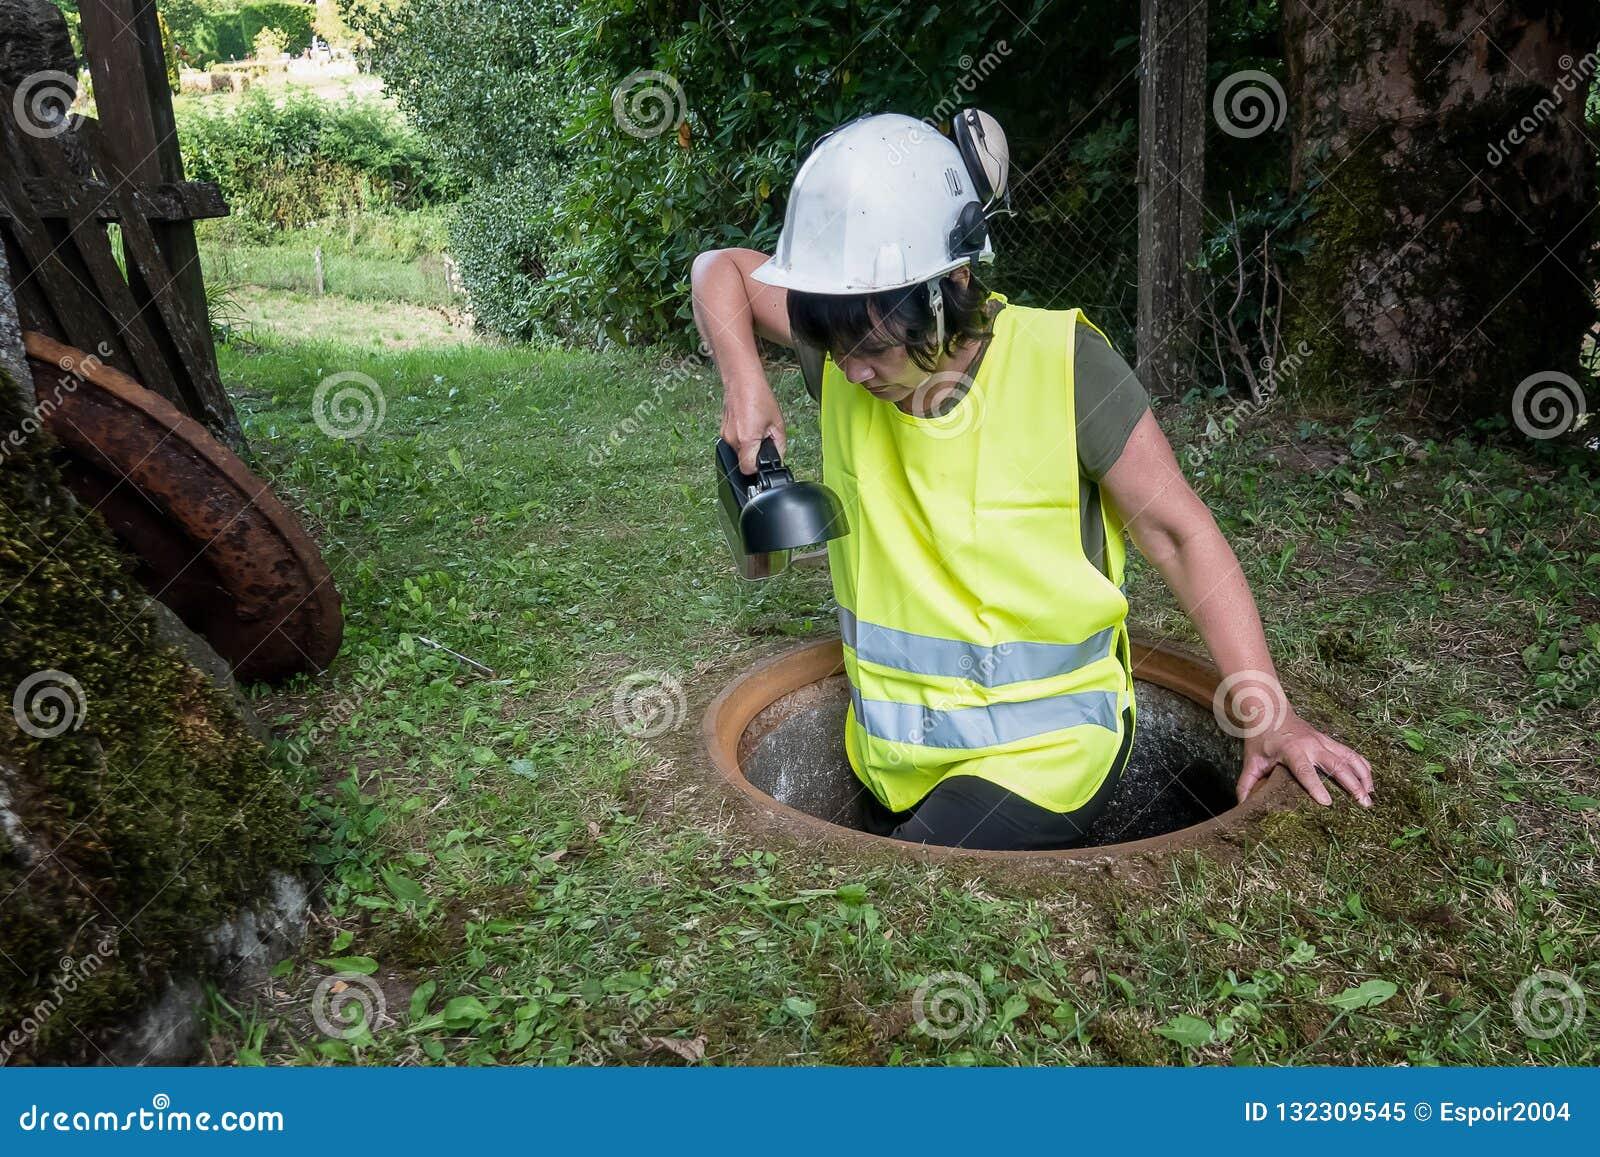 Εργασίες επισκευής υπονόμων στην καταπακτή από έναν εργαζόμενο γυναικών